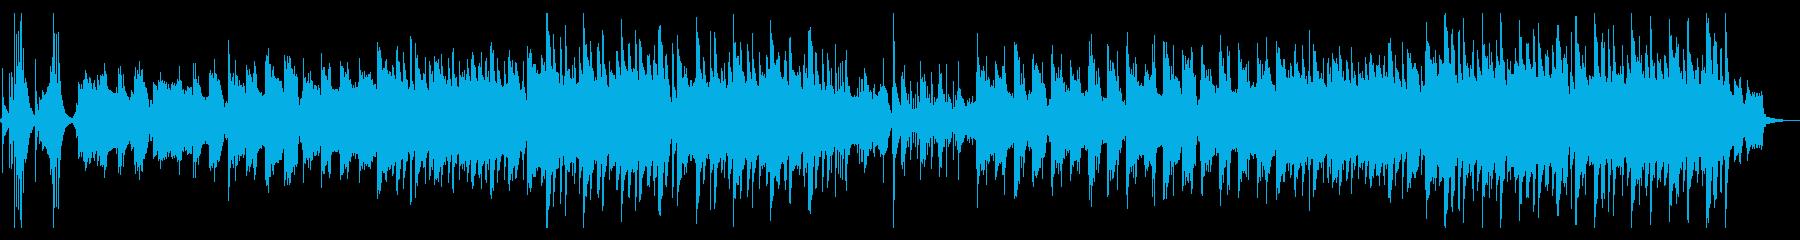 【和風 琴】幻想的でスローな雰囲気の再生済みの波形